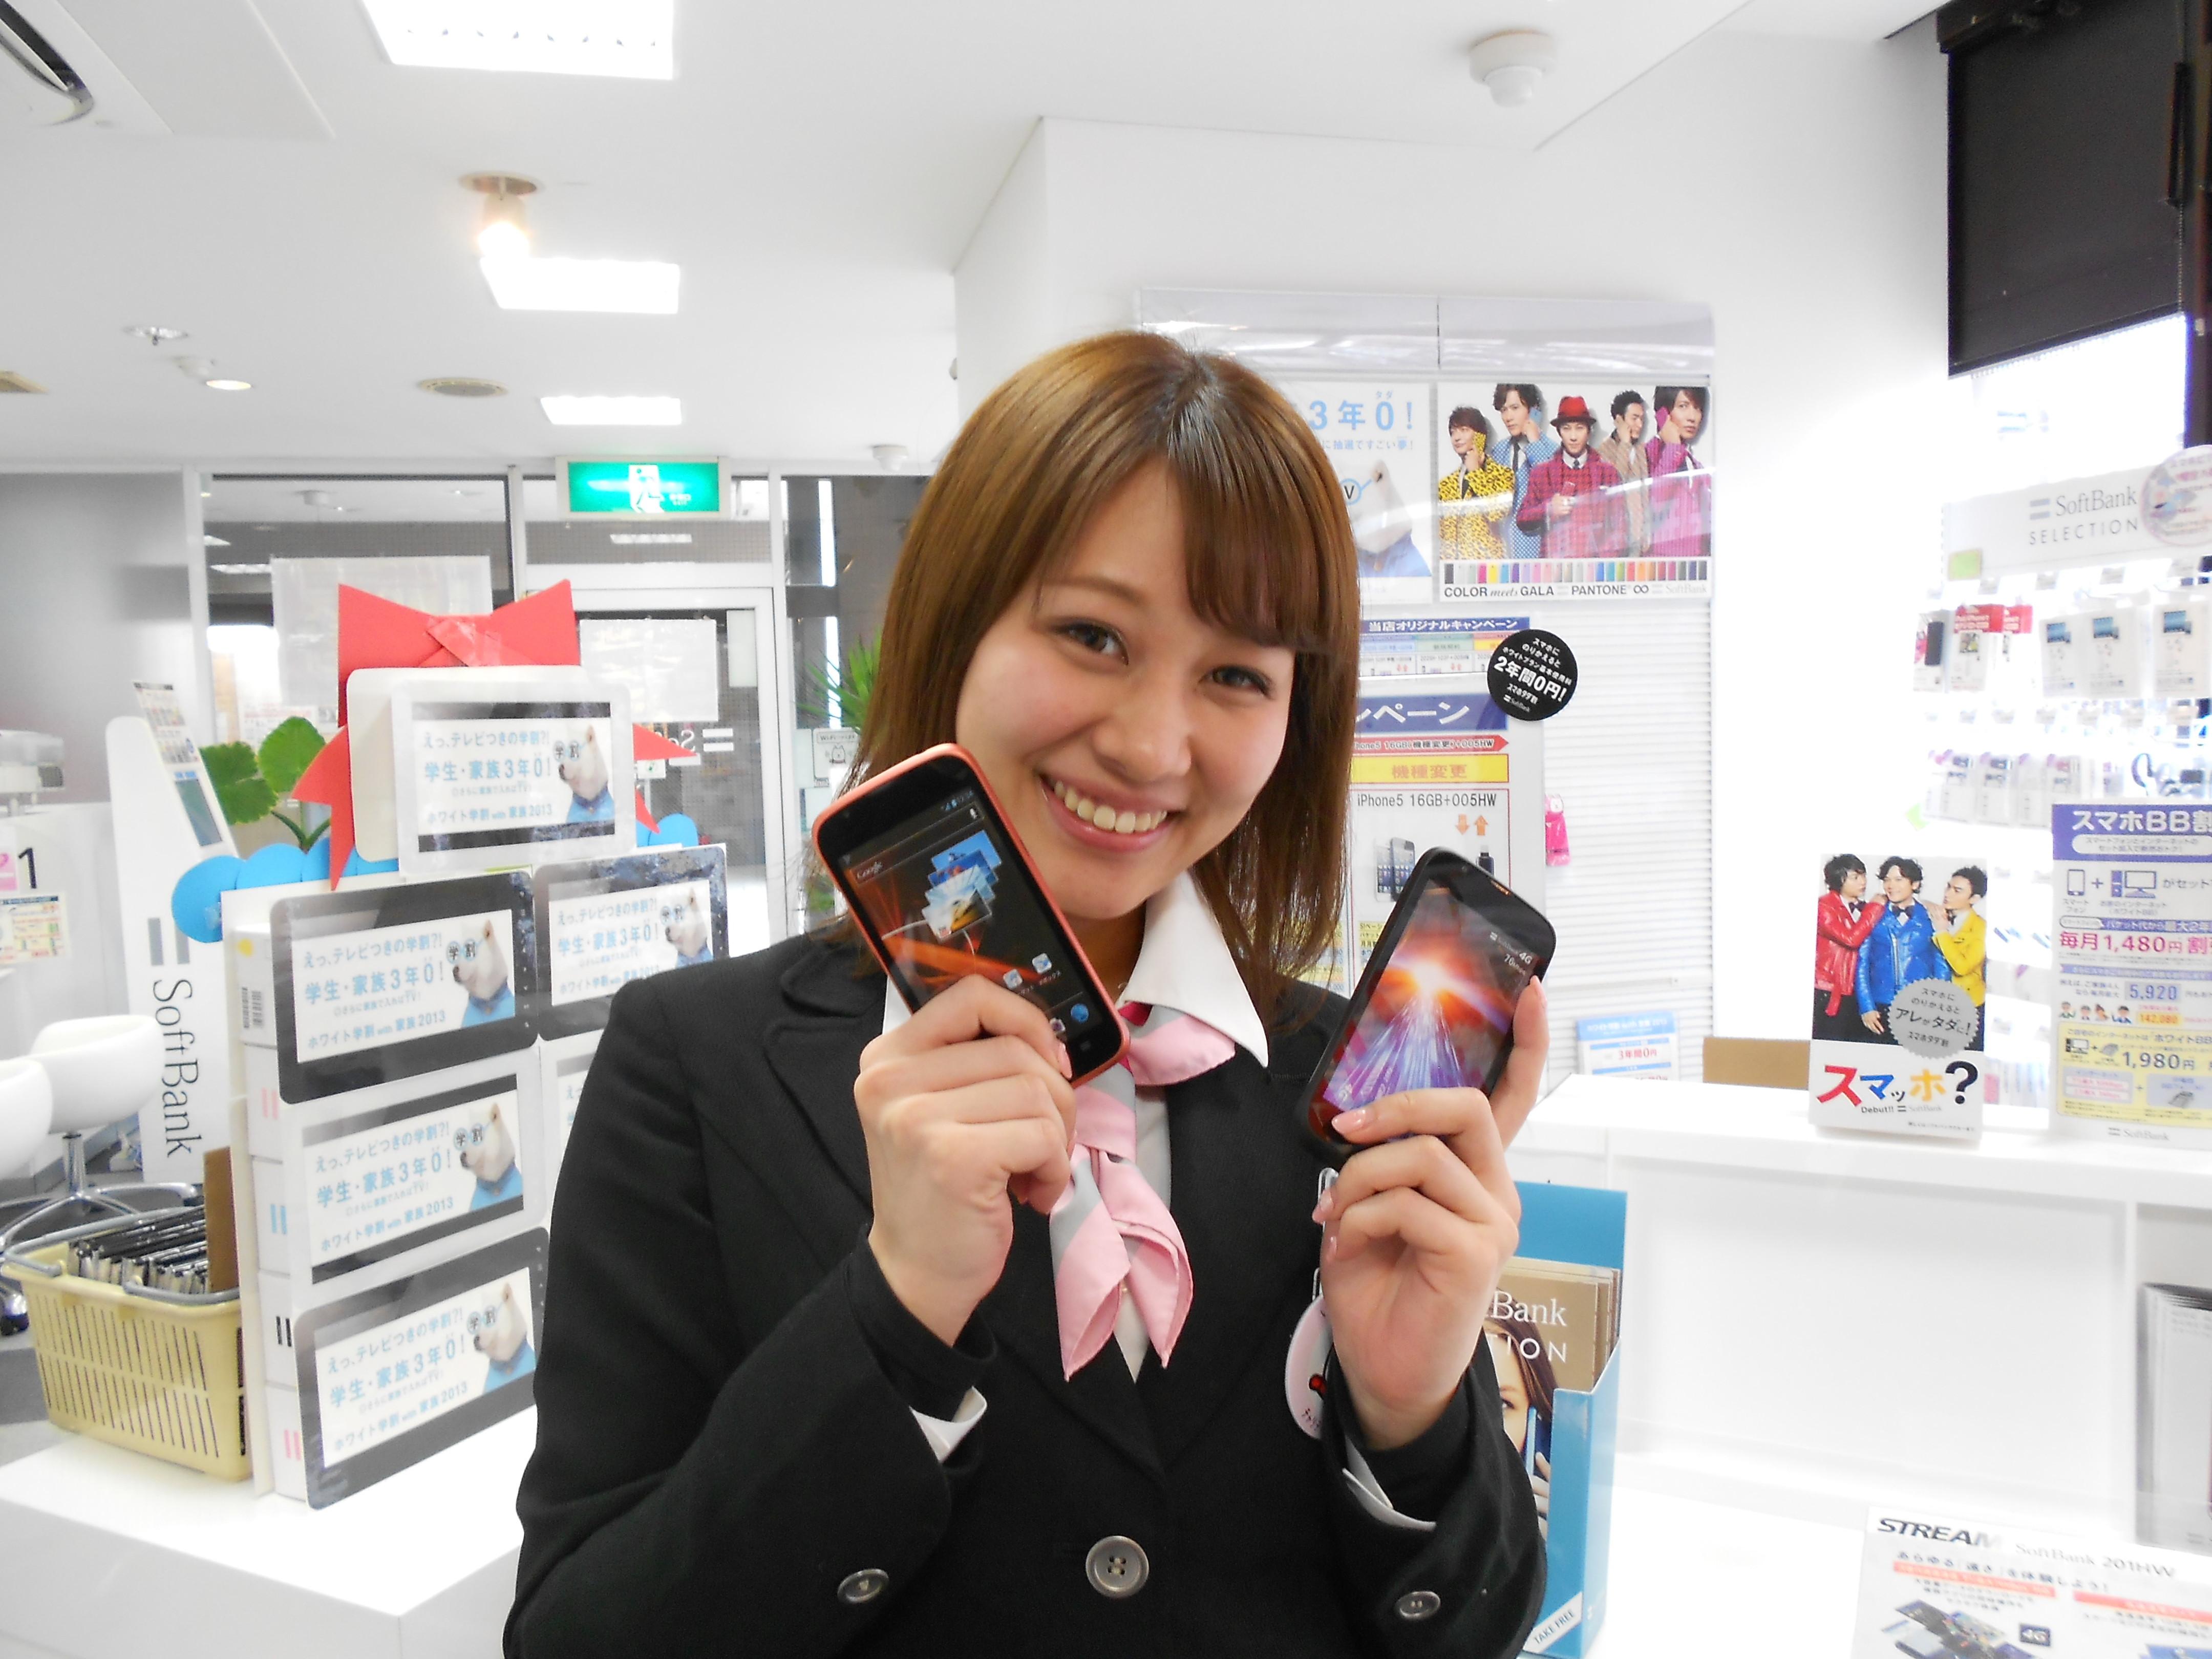 ソフトバンク 新小岩(株式会社シエロ)のアルバイト情報